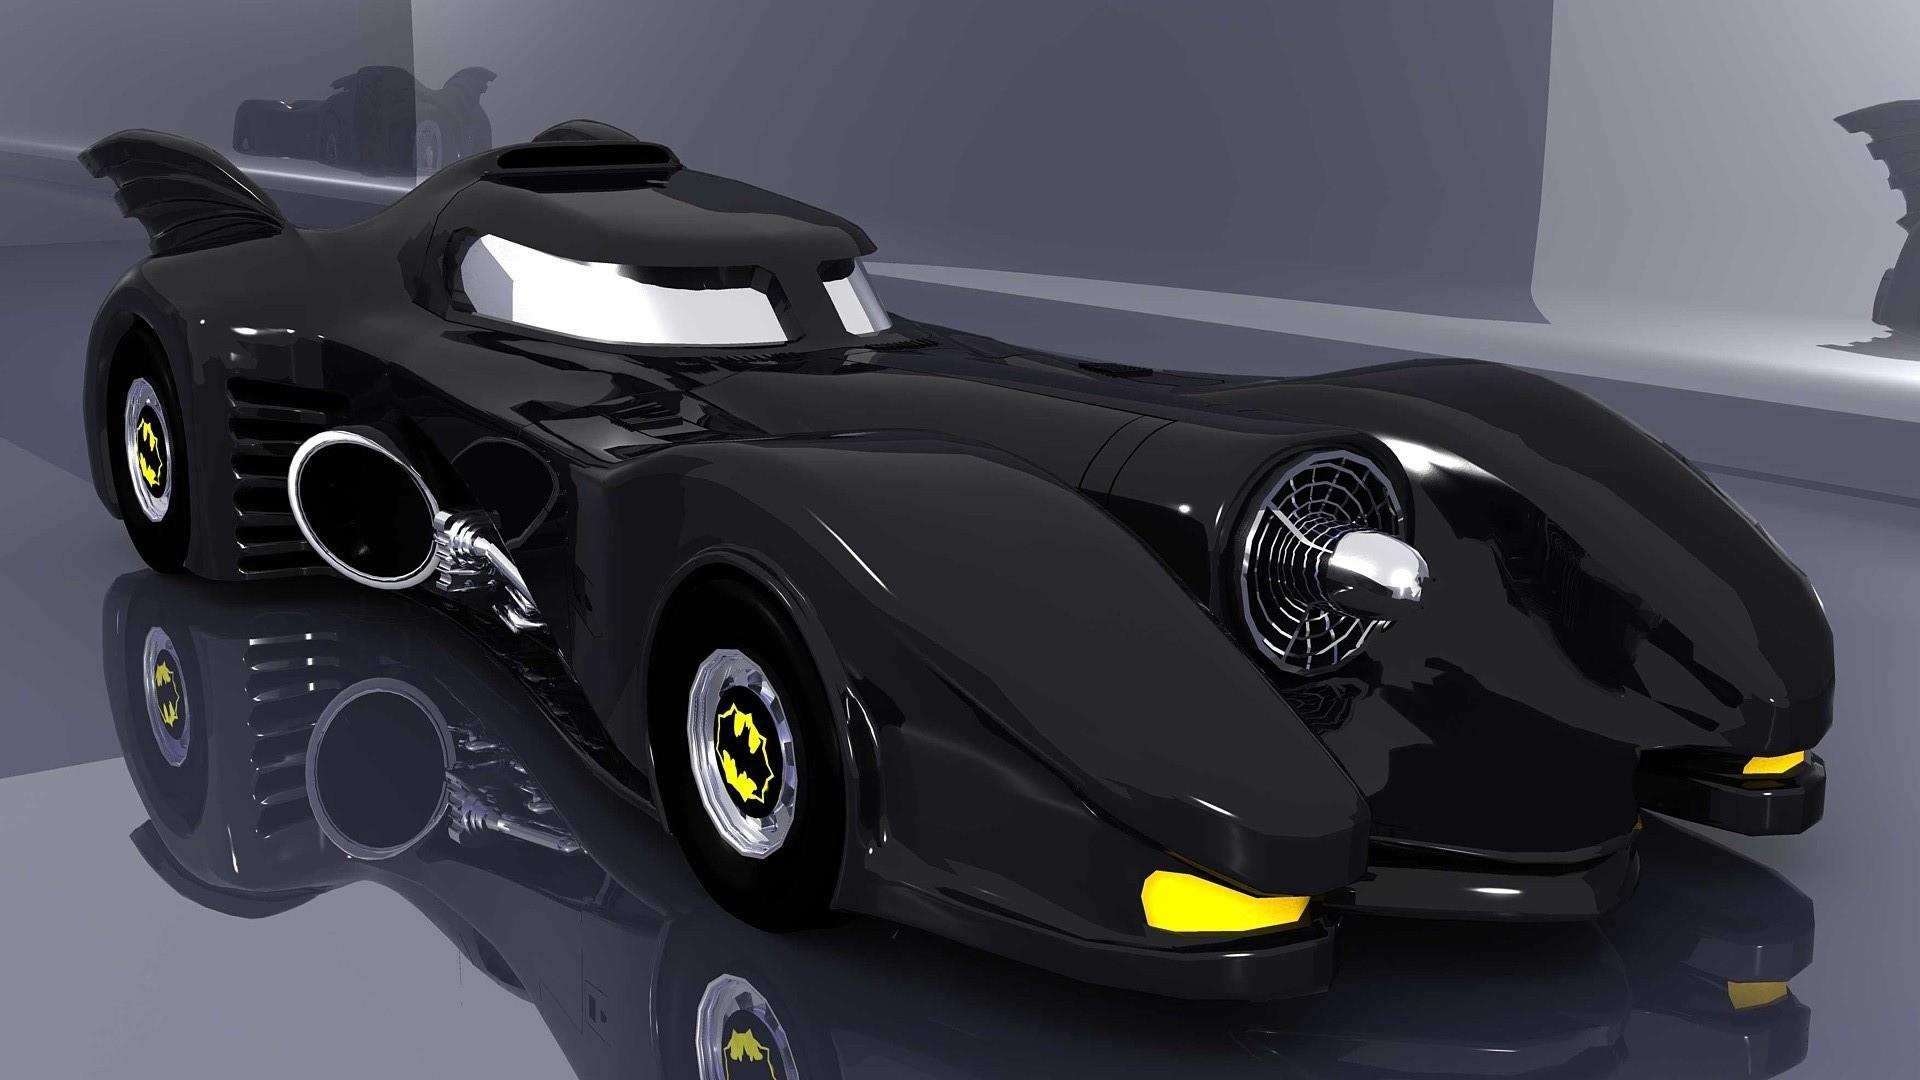 Batmobile   Wallpaper 40800 1920x1080